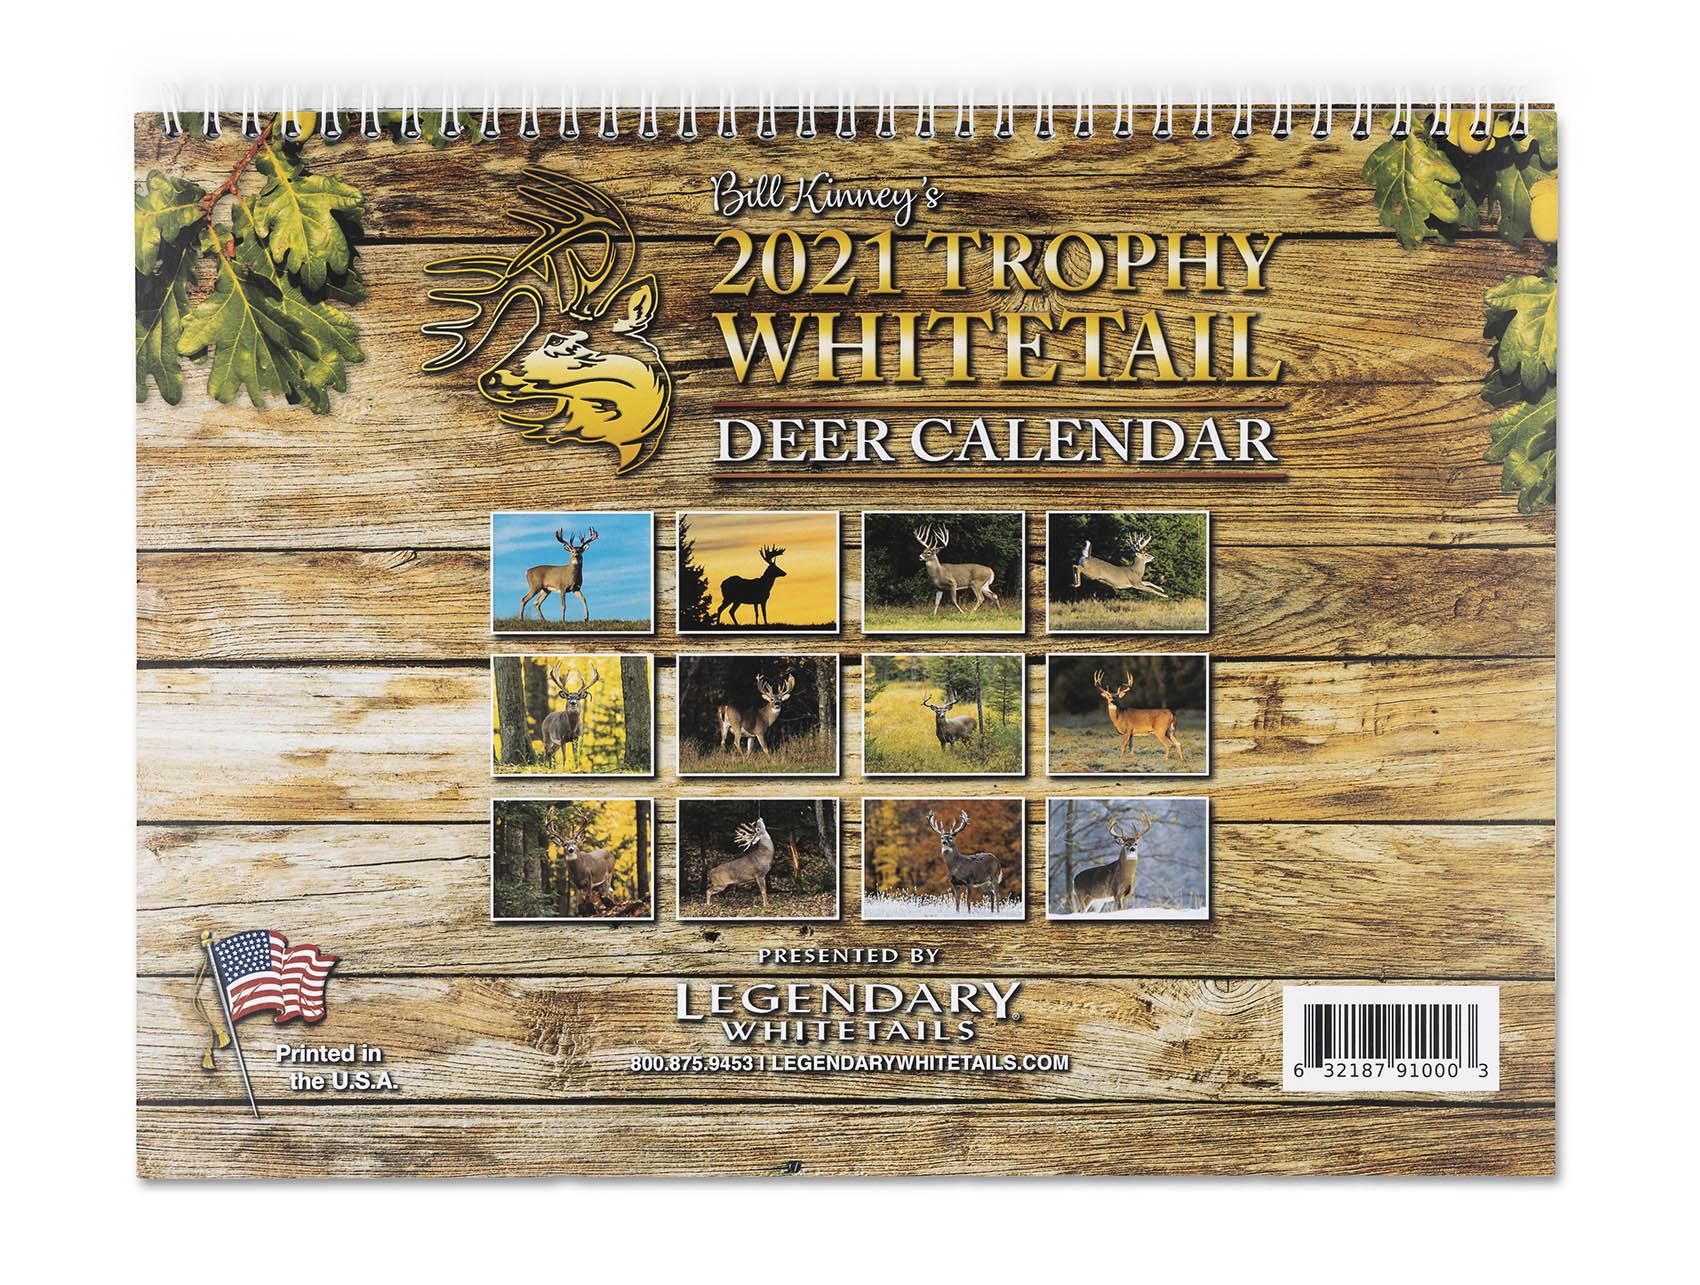 Legendary Whitetails 2021 Calendar in Deer Activity Calendar 2021